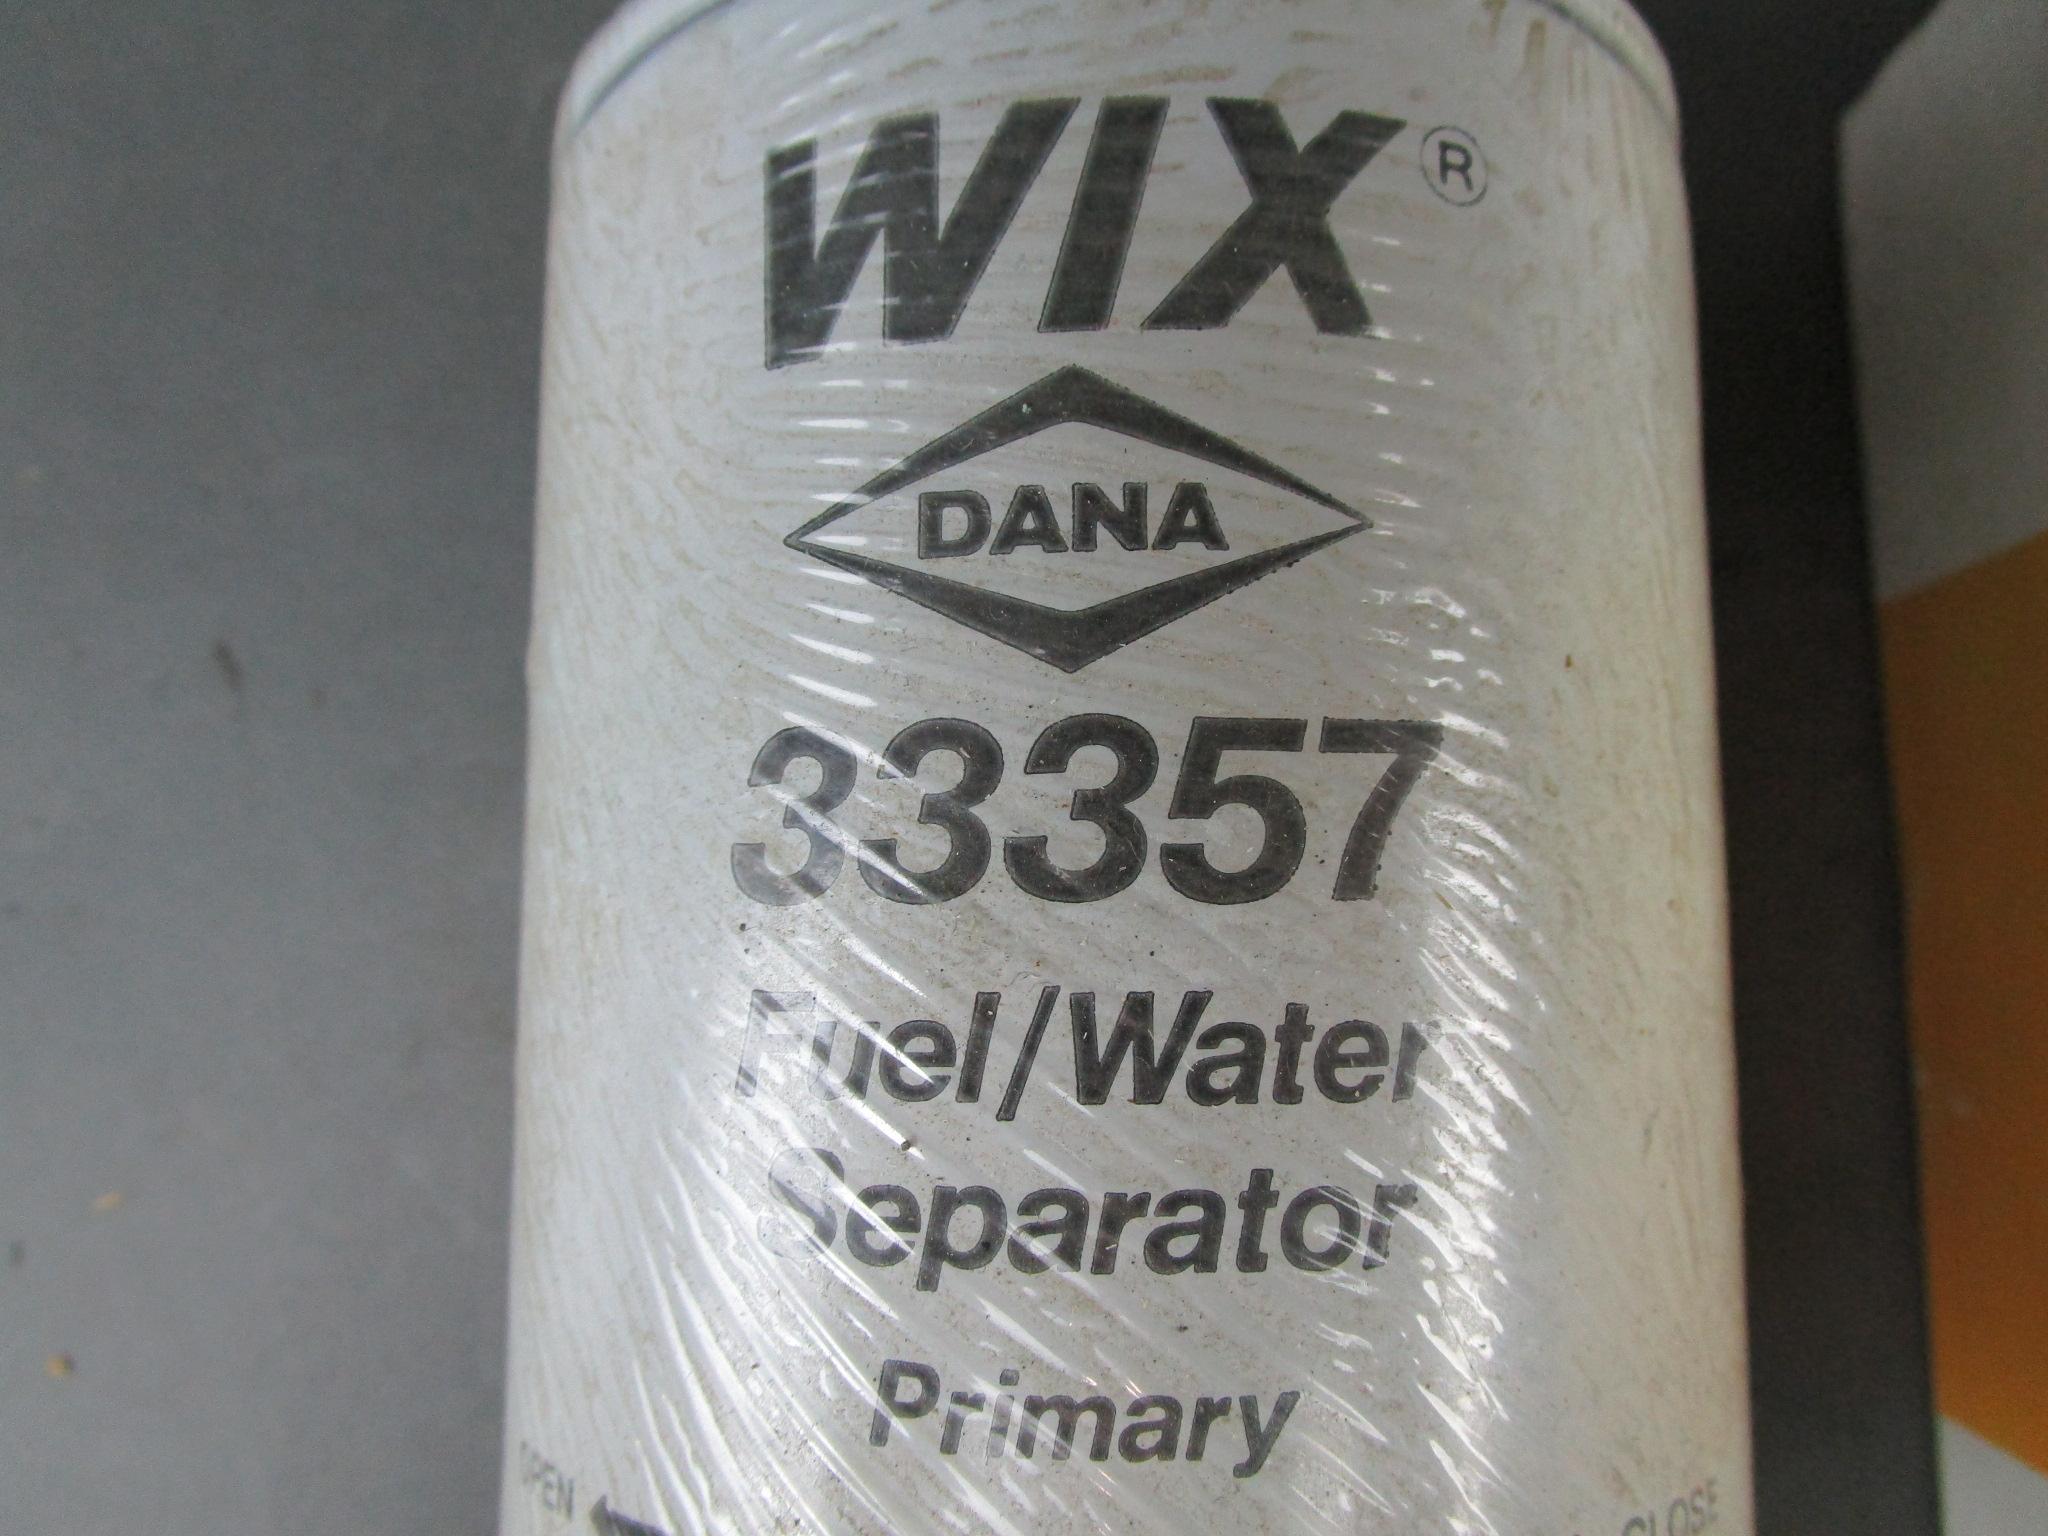 Wix Fuel Water Separator Filter P//N:33379